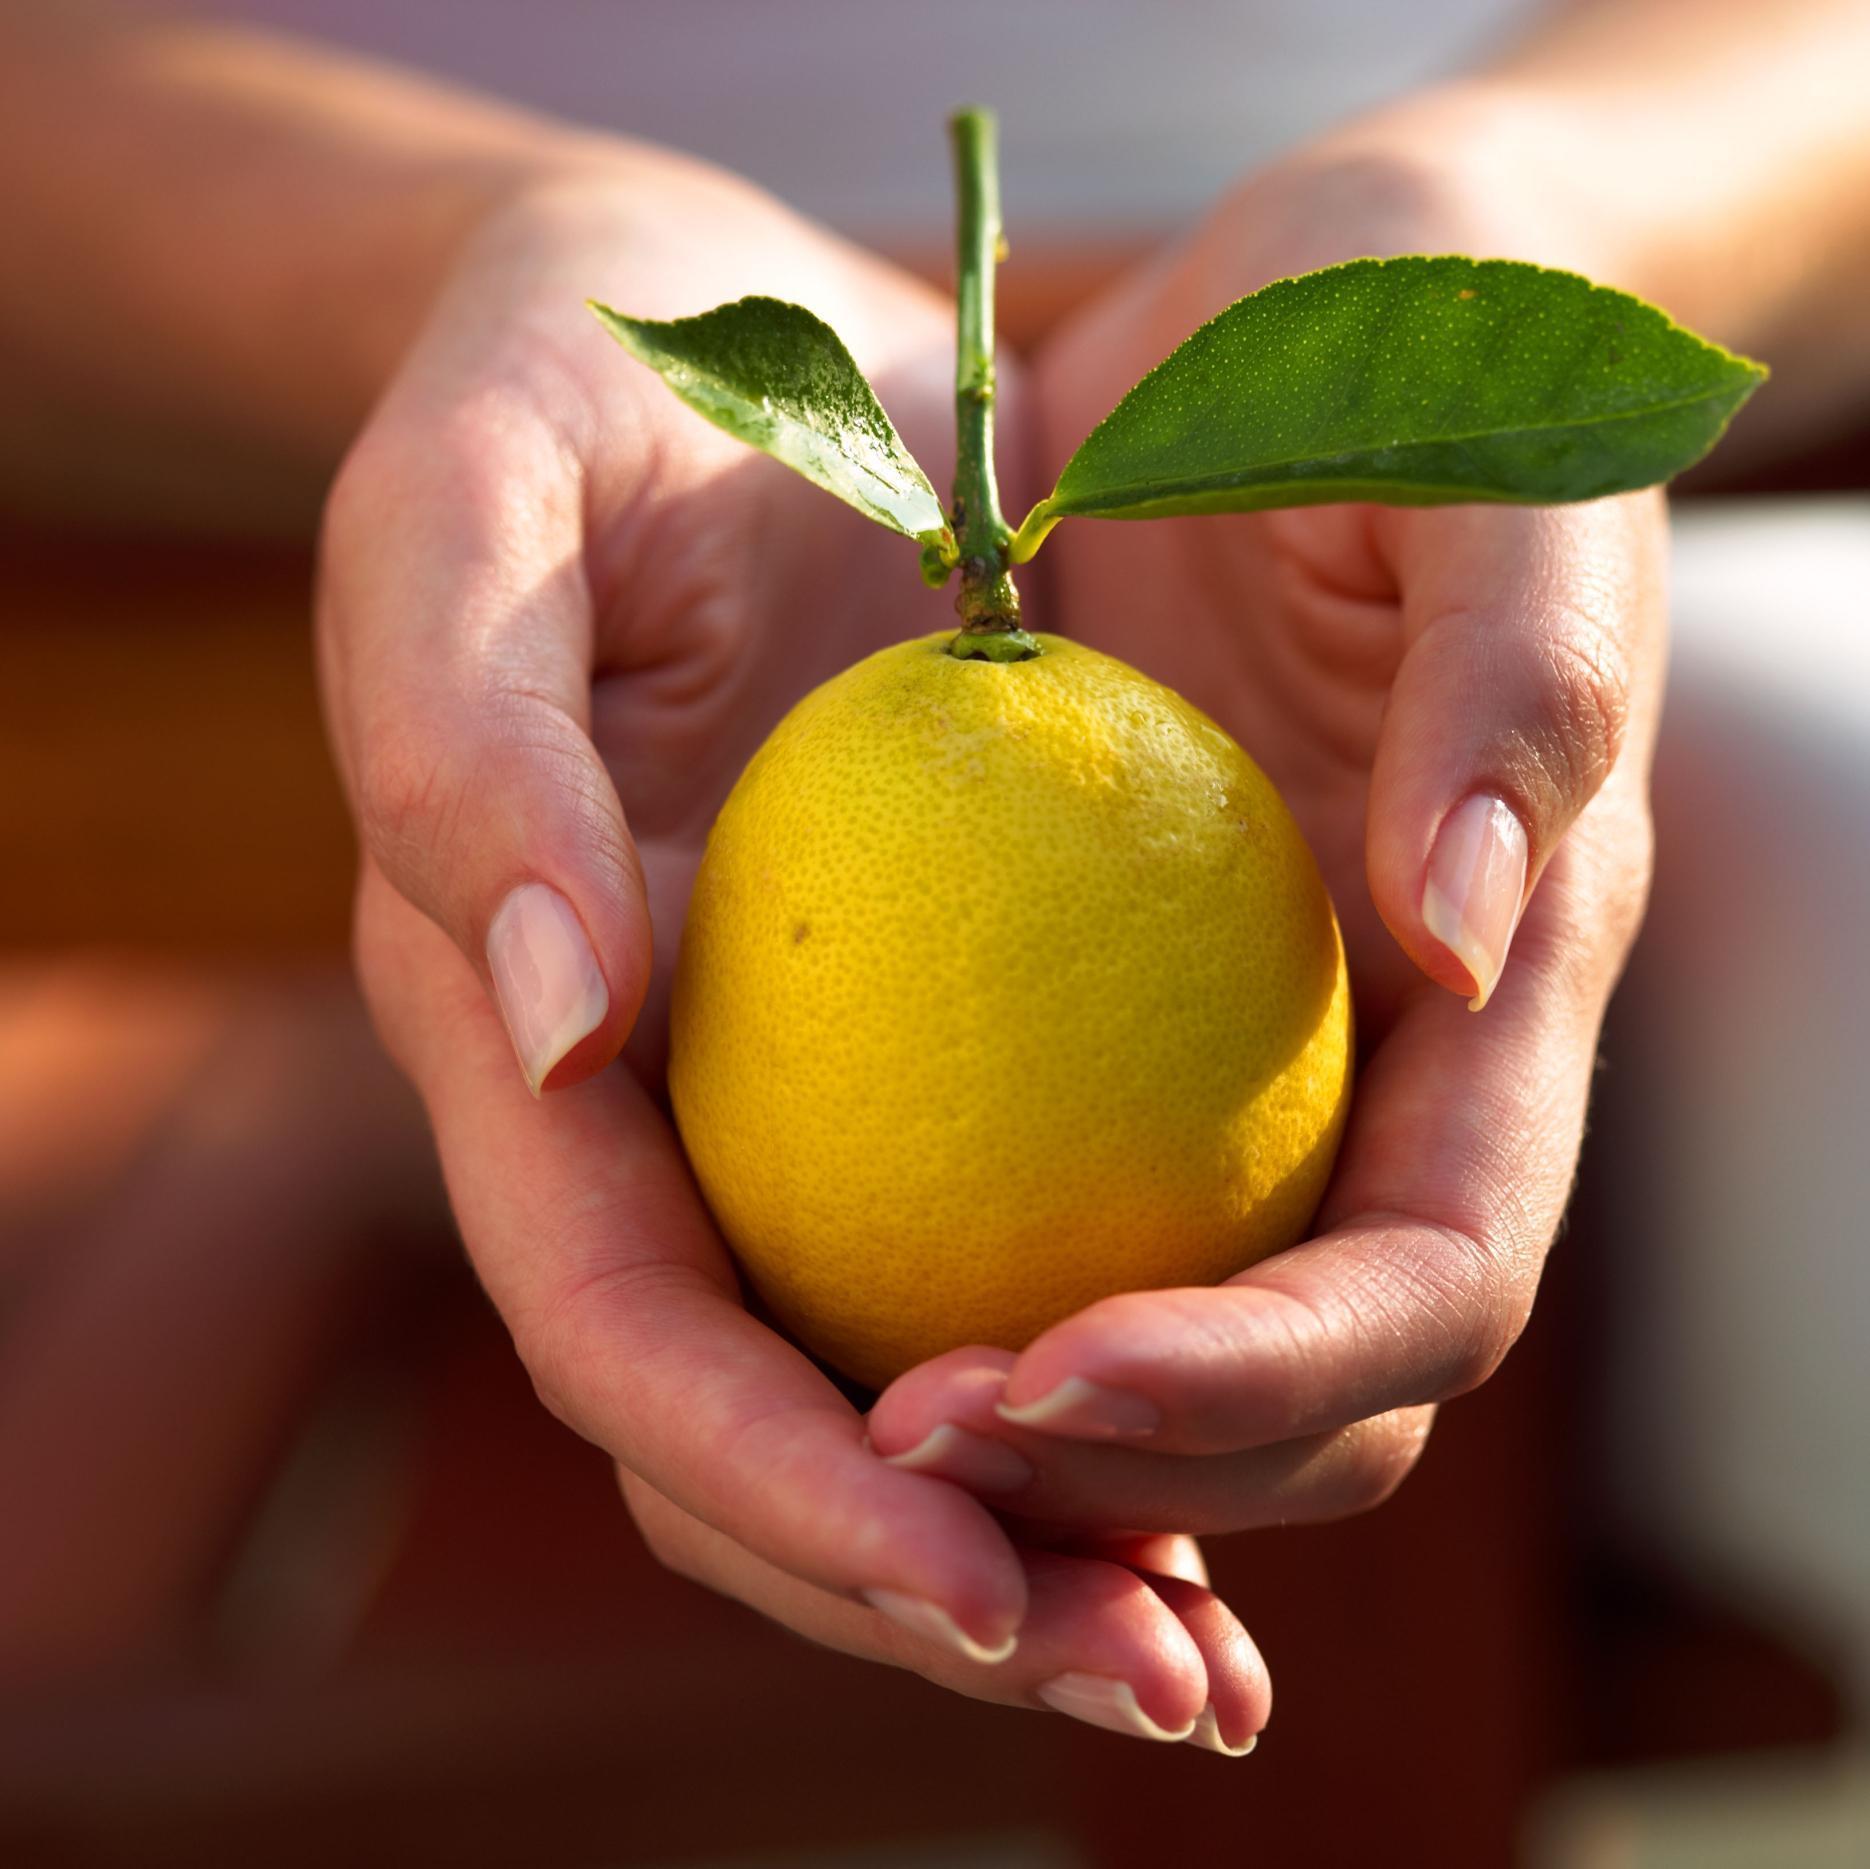 Чтобы предотвратить при транспортировке фруктов развитие на них бактерий, плесени и грибков их поверхность обрабатывают дифенилом, который является канцерогеном.